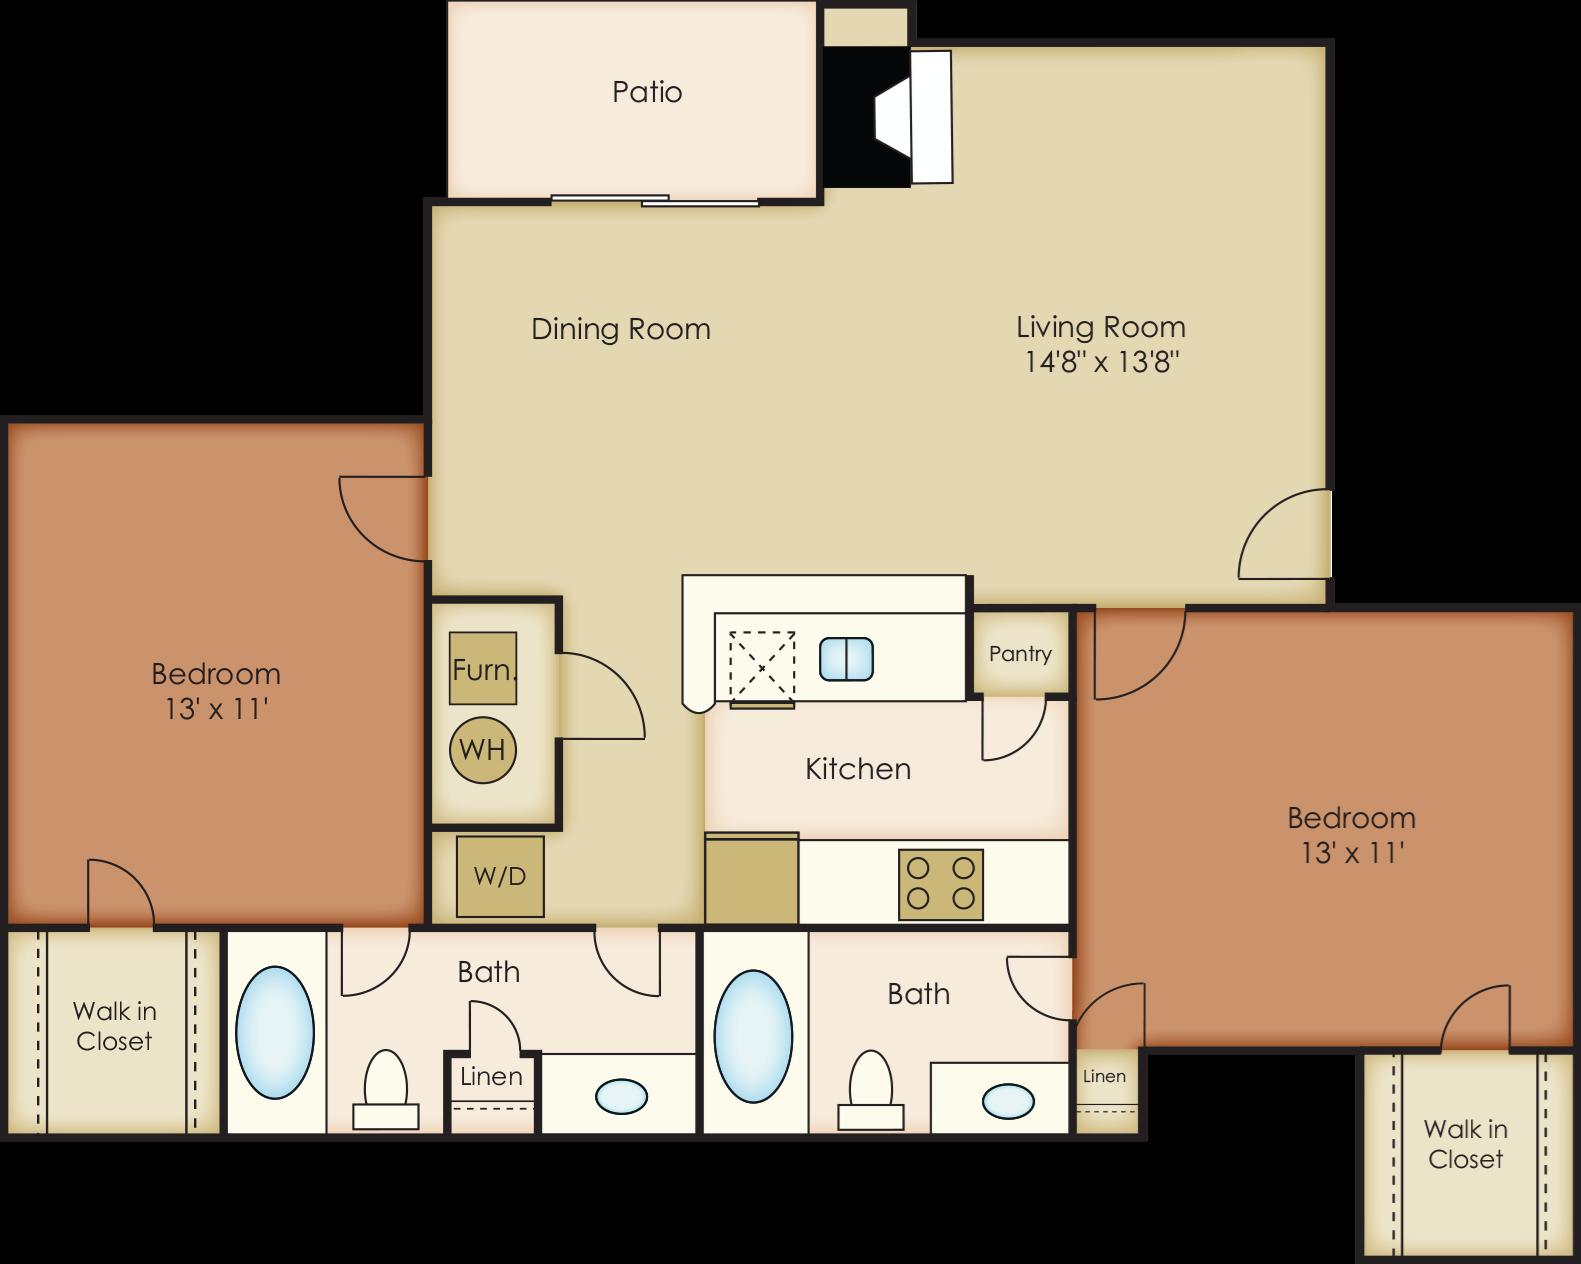 Rio Grande Floor Plan 4